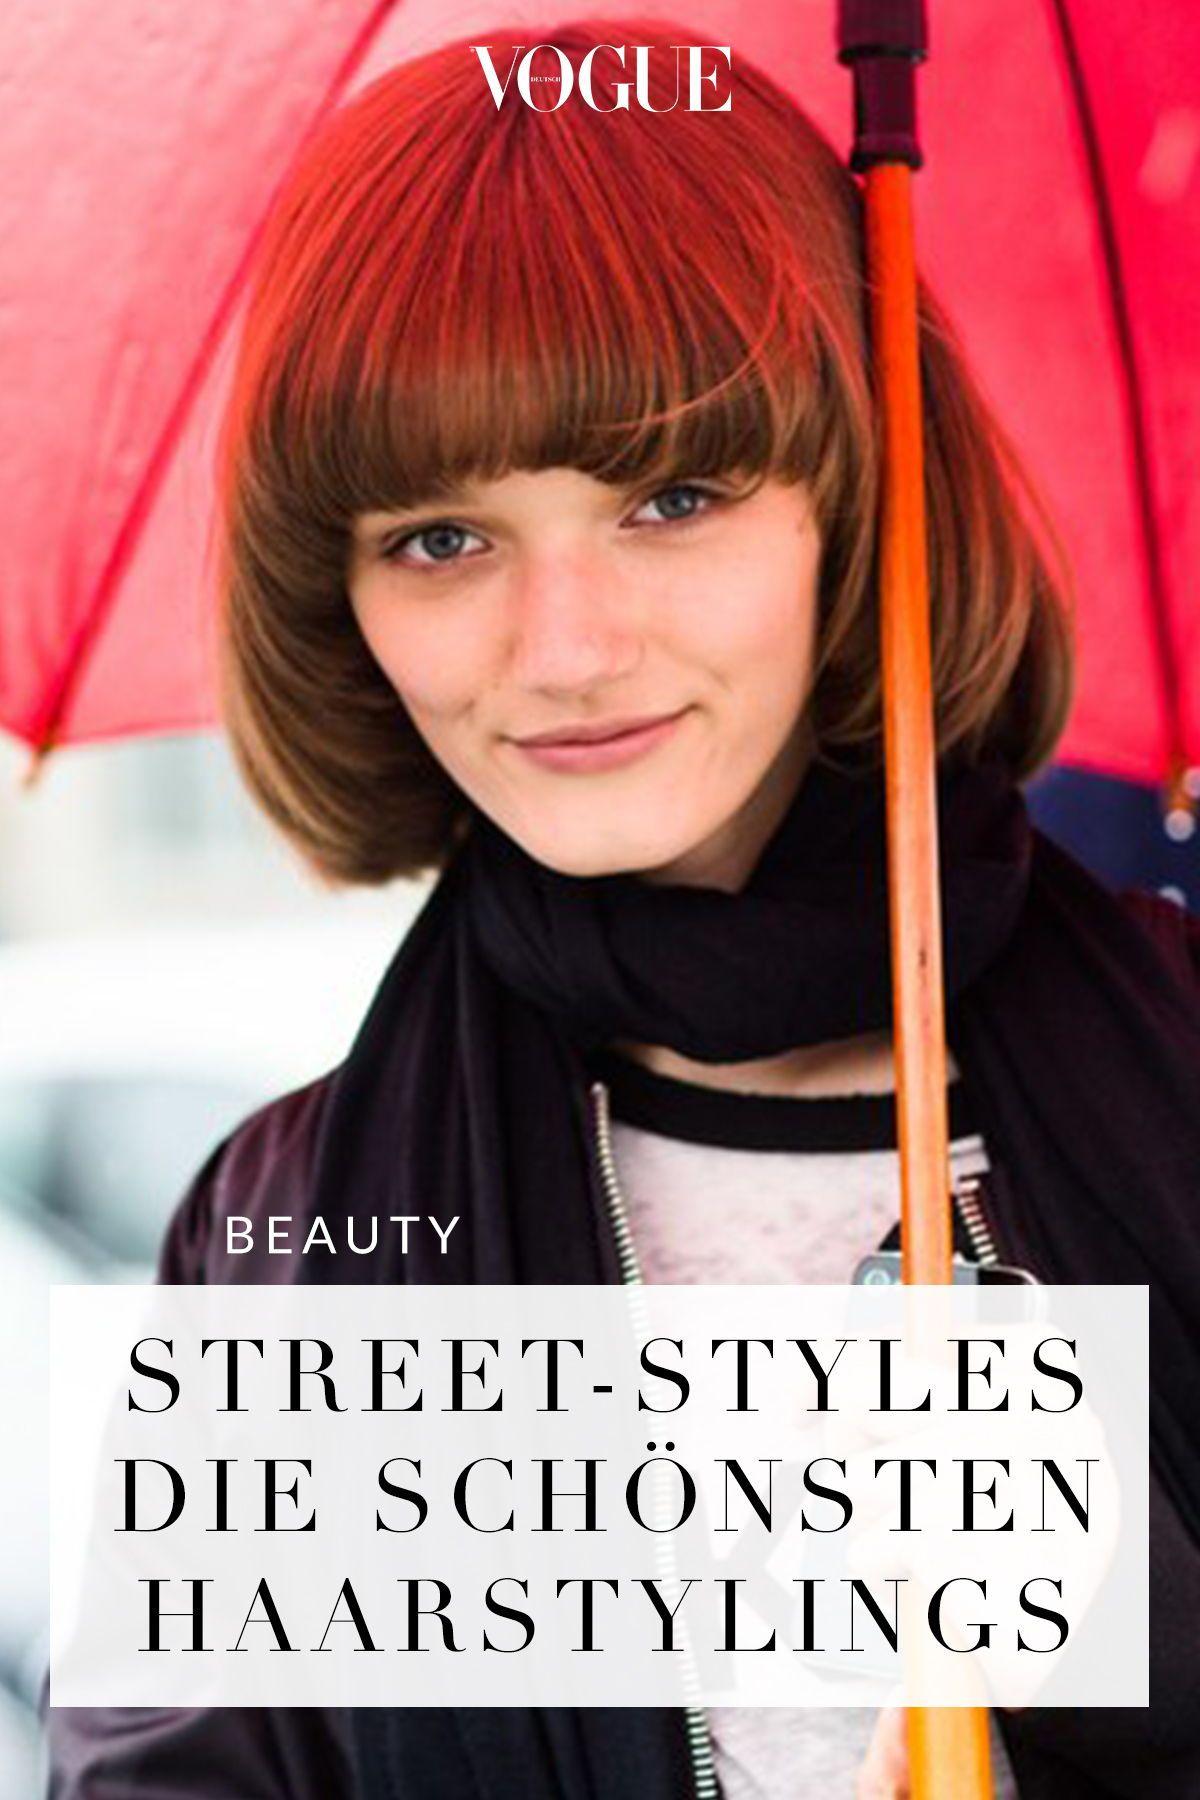 Street-Style: Frisuren | Frisuren, Bob frisur, Beauty